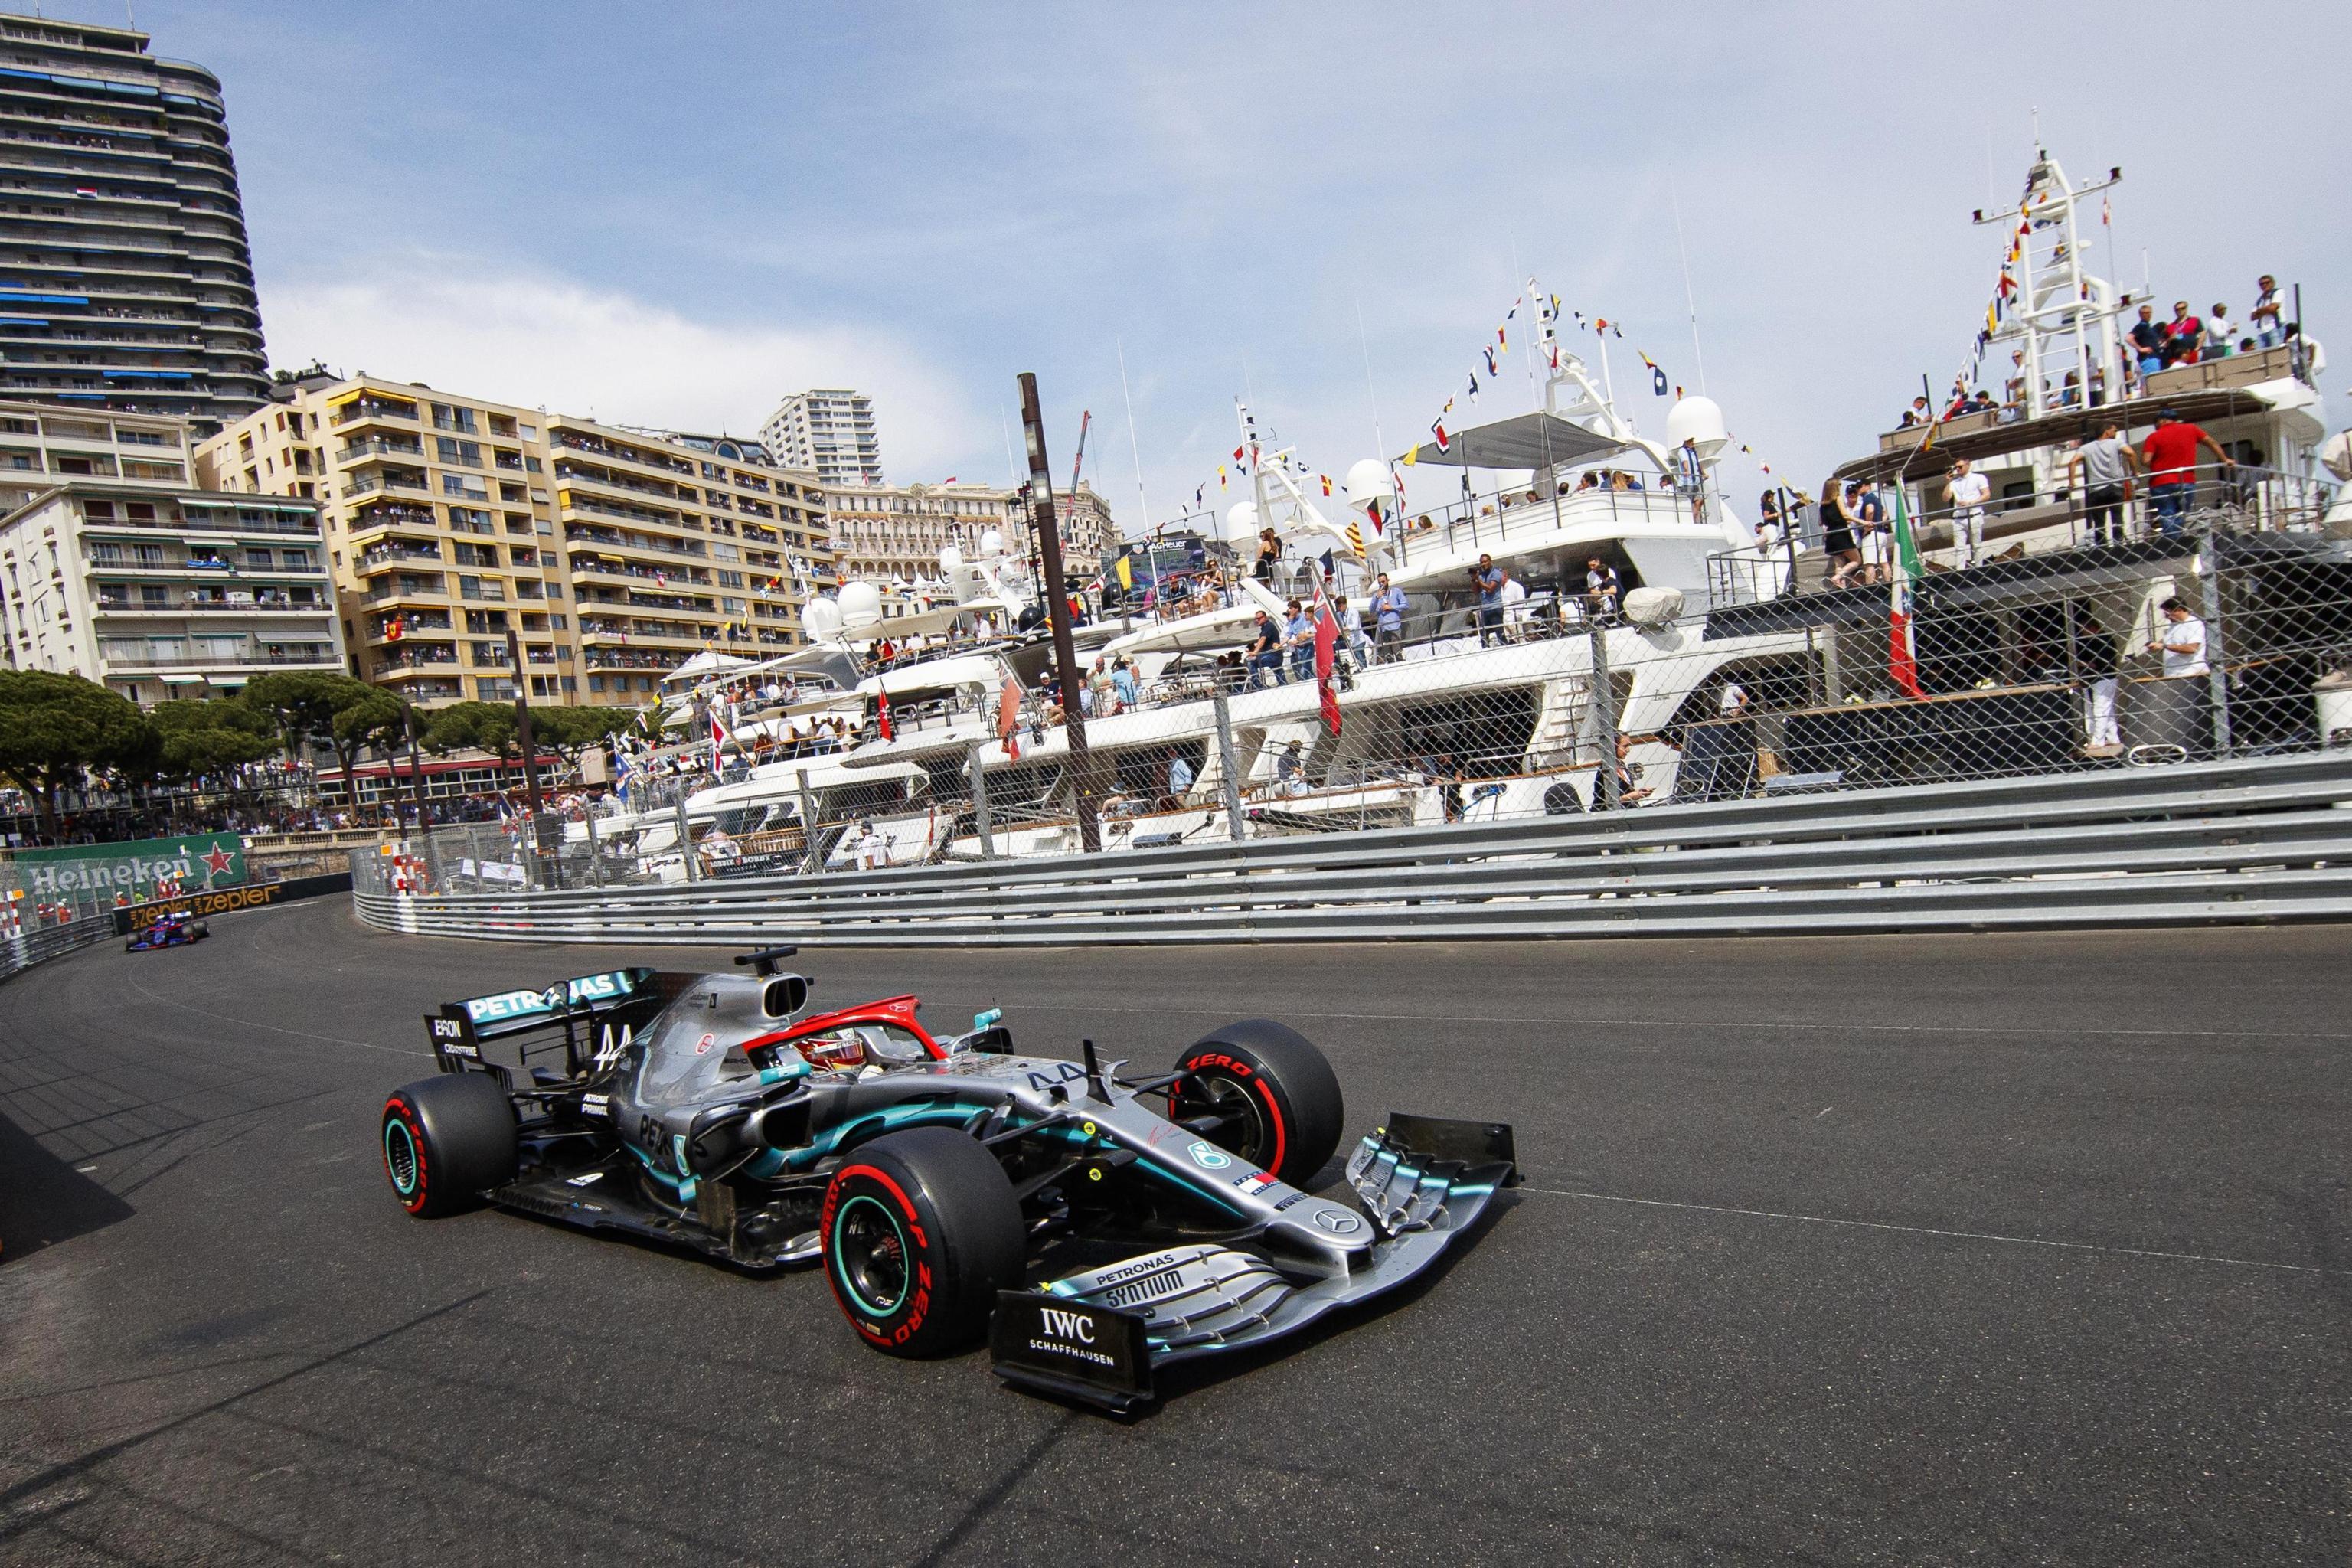 Formula 1: Hamilton Trionfa Anche A Montecarlo, Vettel